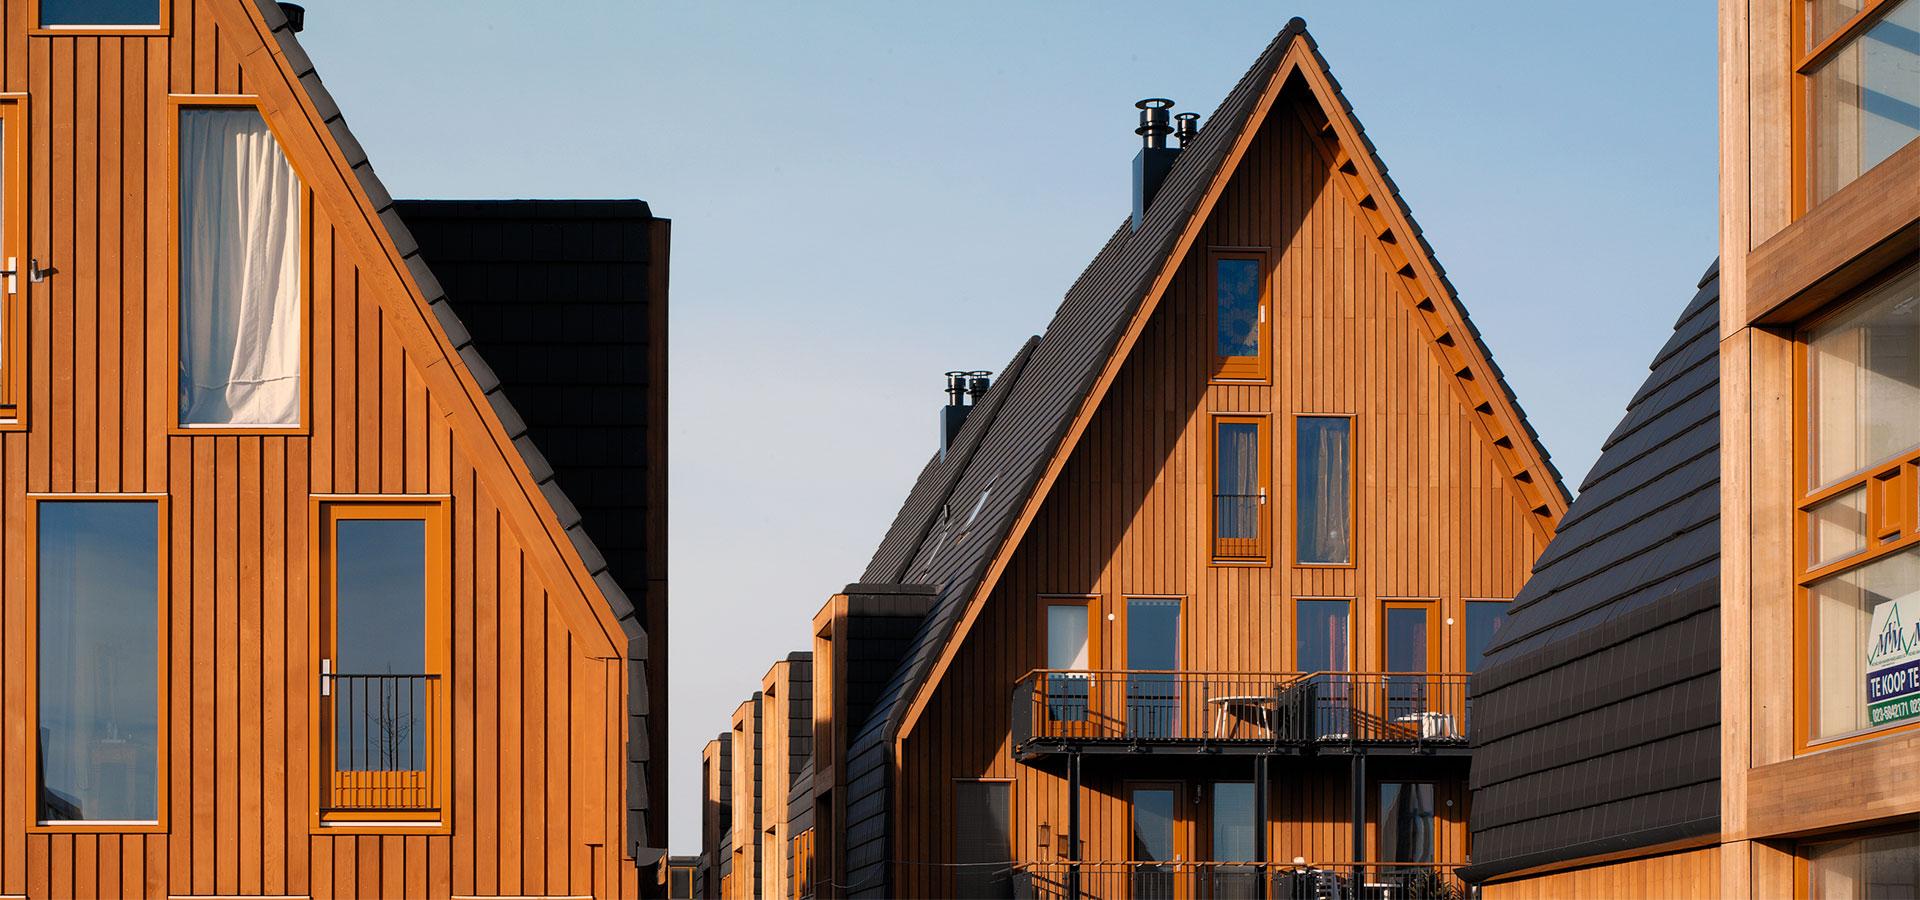 FARO architecten modern dorps Vijfhuizen 03